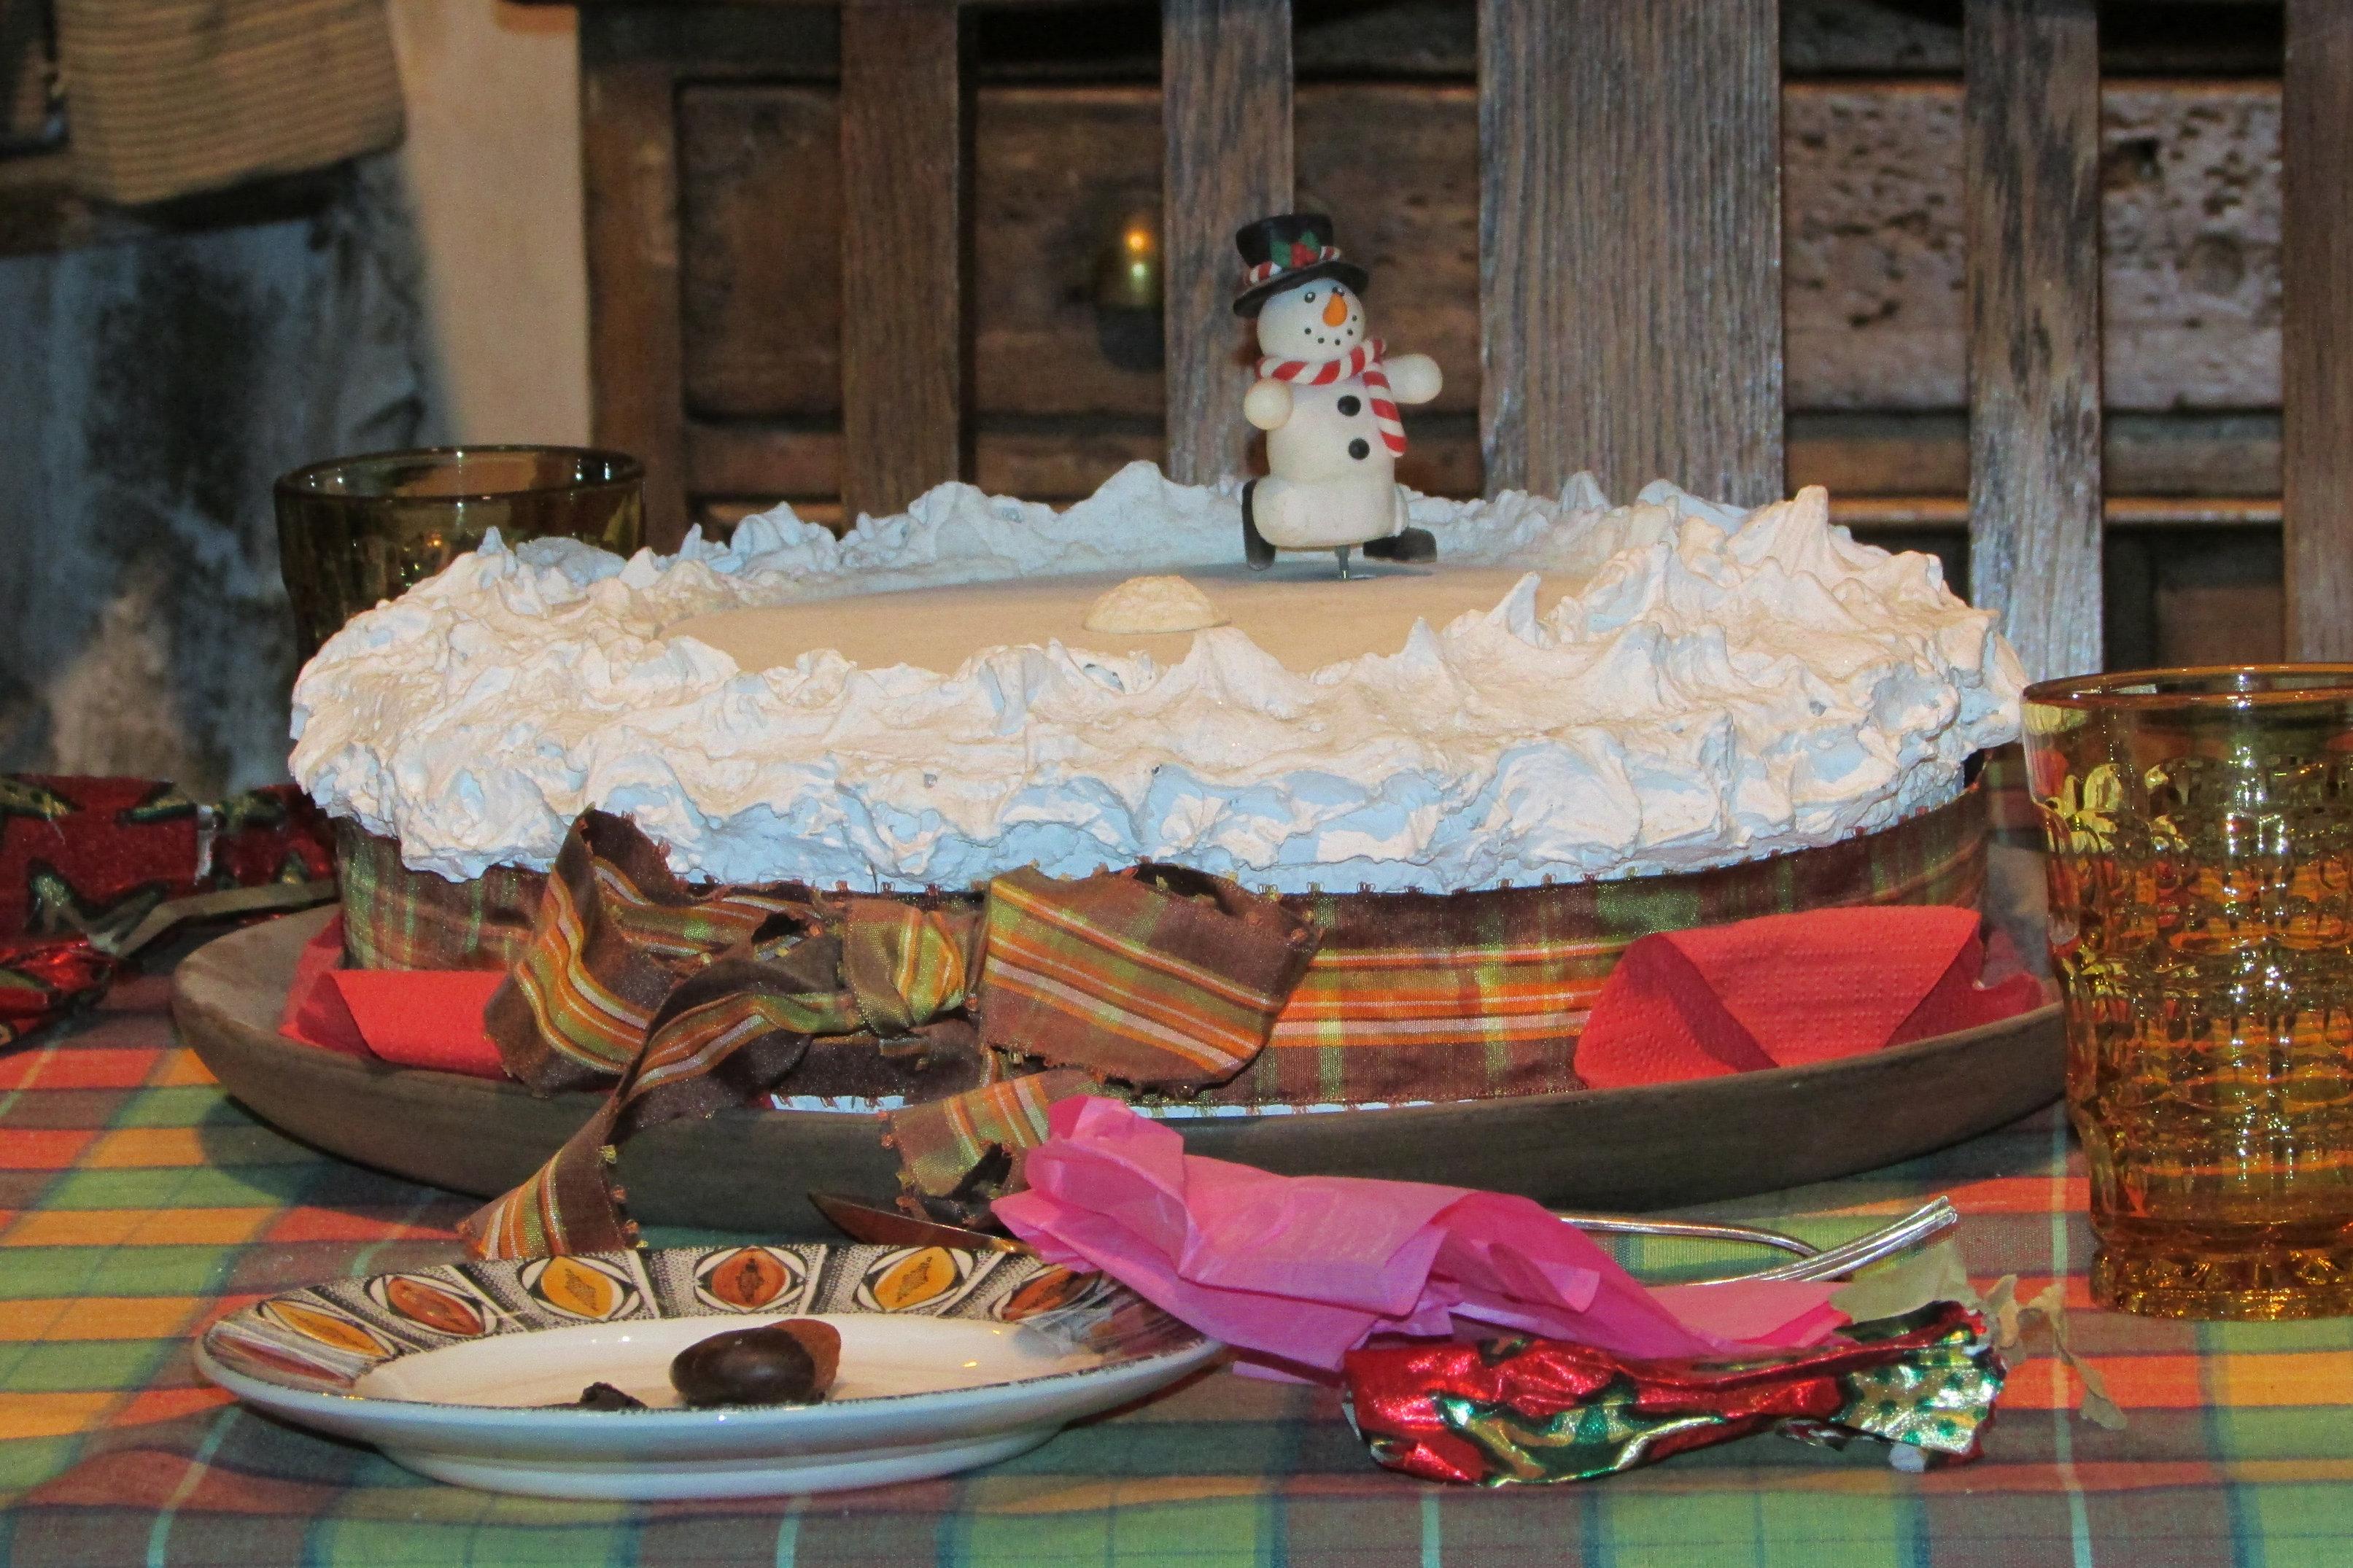 Un gâteau sur la table du Terrier, couvert de glaçage et d'un bonhomme de neige qui danse lors de Hogwarts in the snow au Warner Bros. Studio Tour London: The Making of Harry Potter